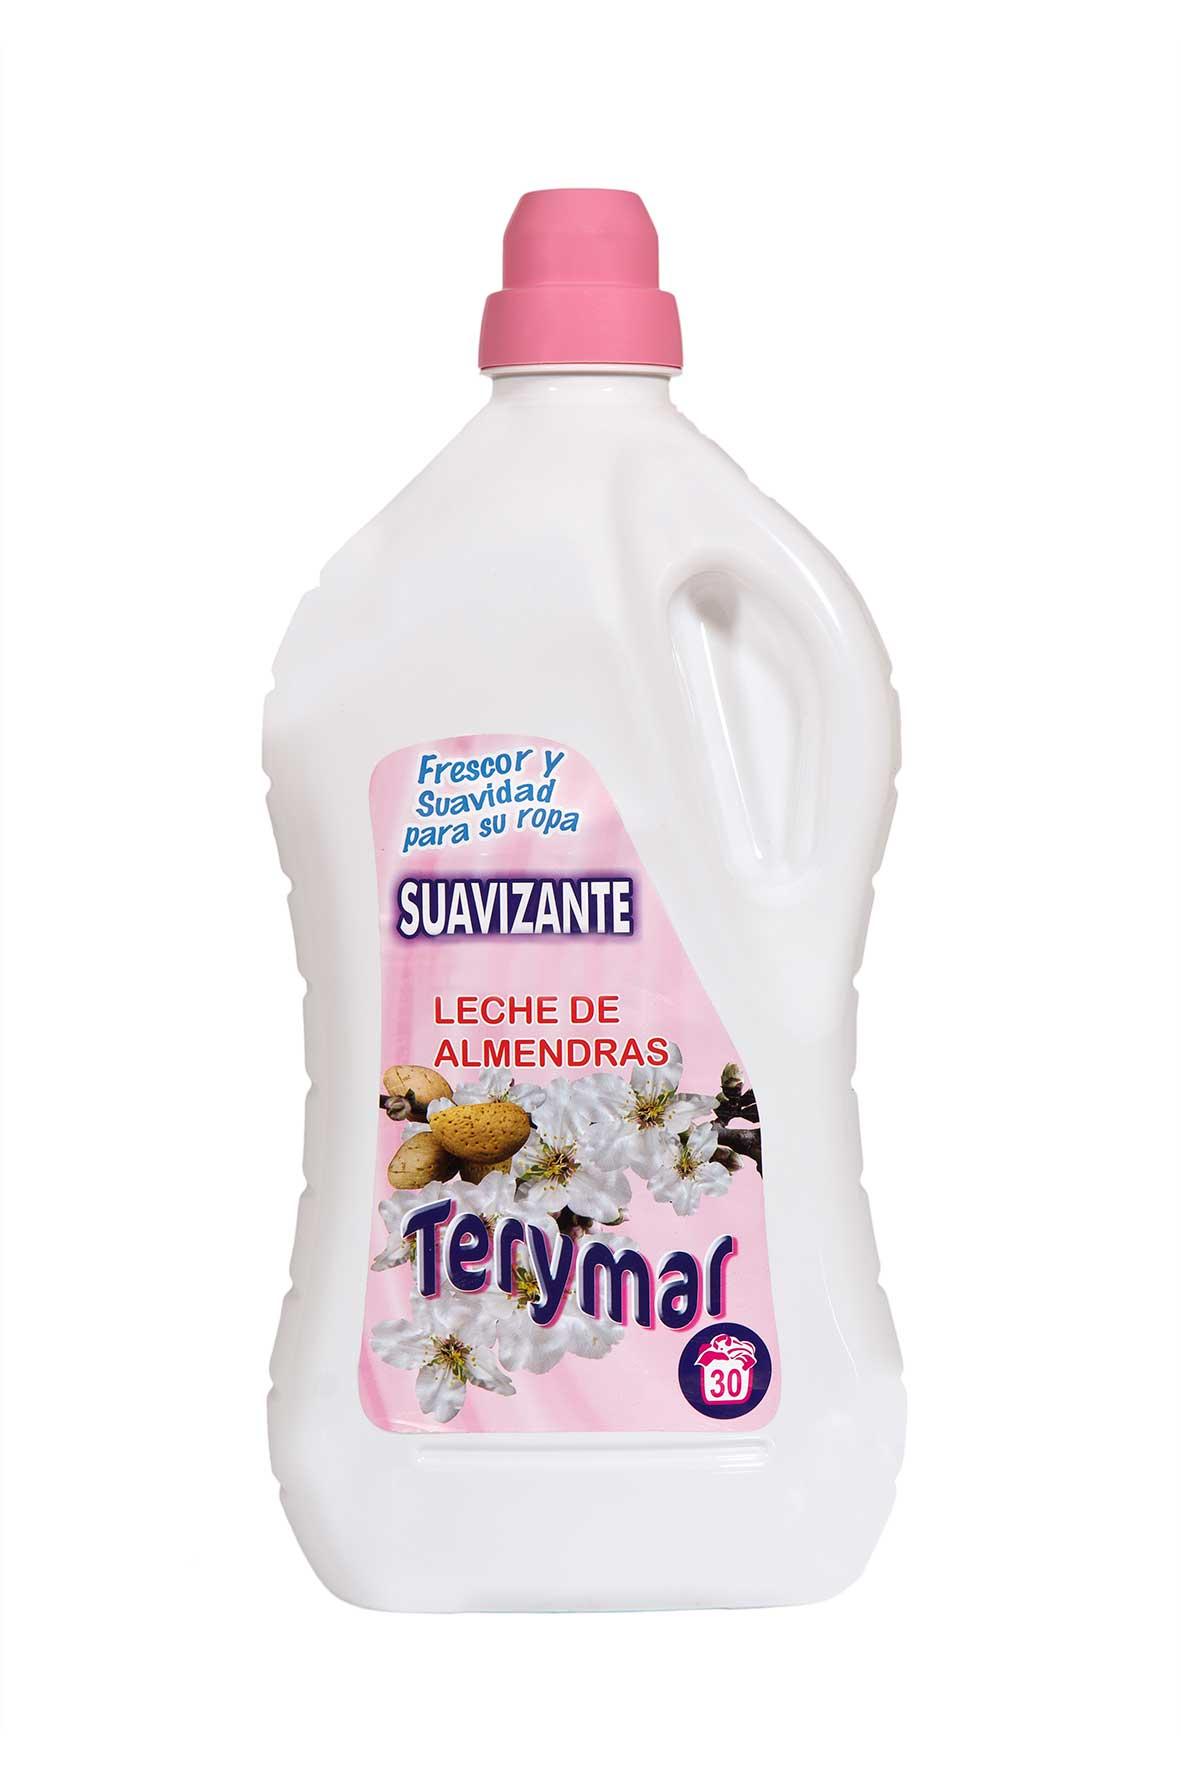 Suavizante Leche de Almendras 3L